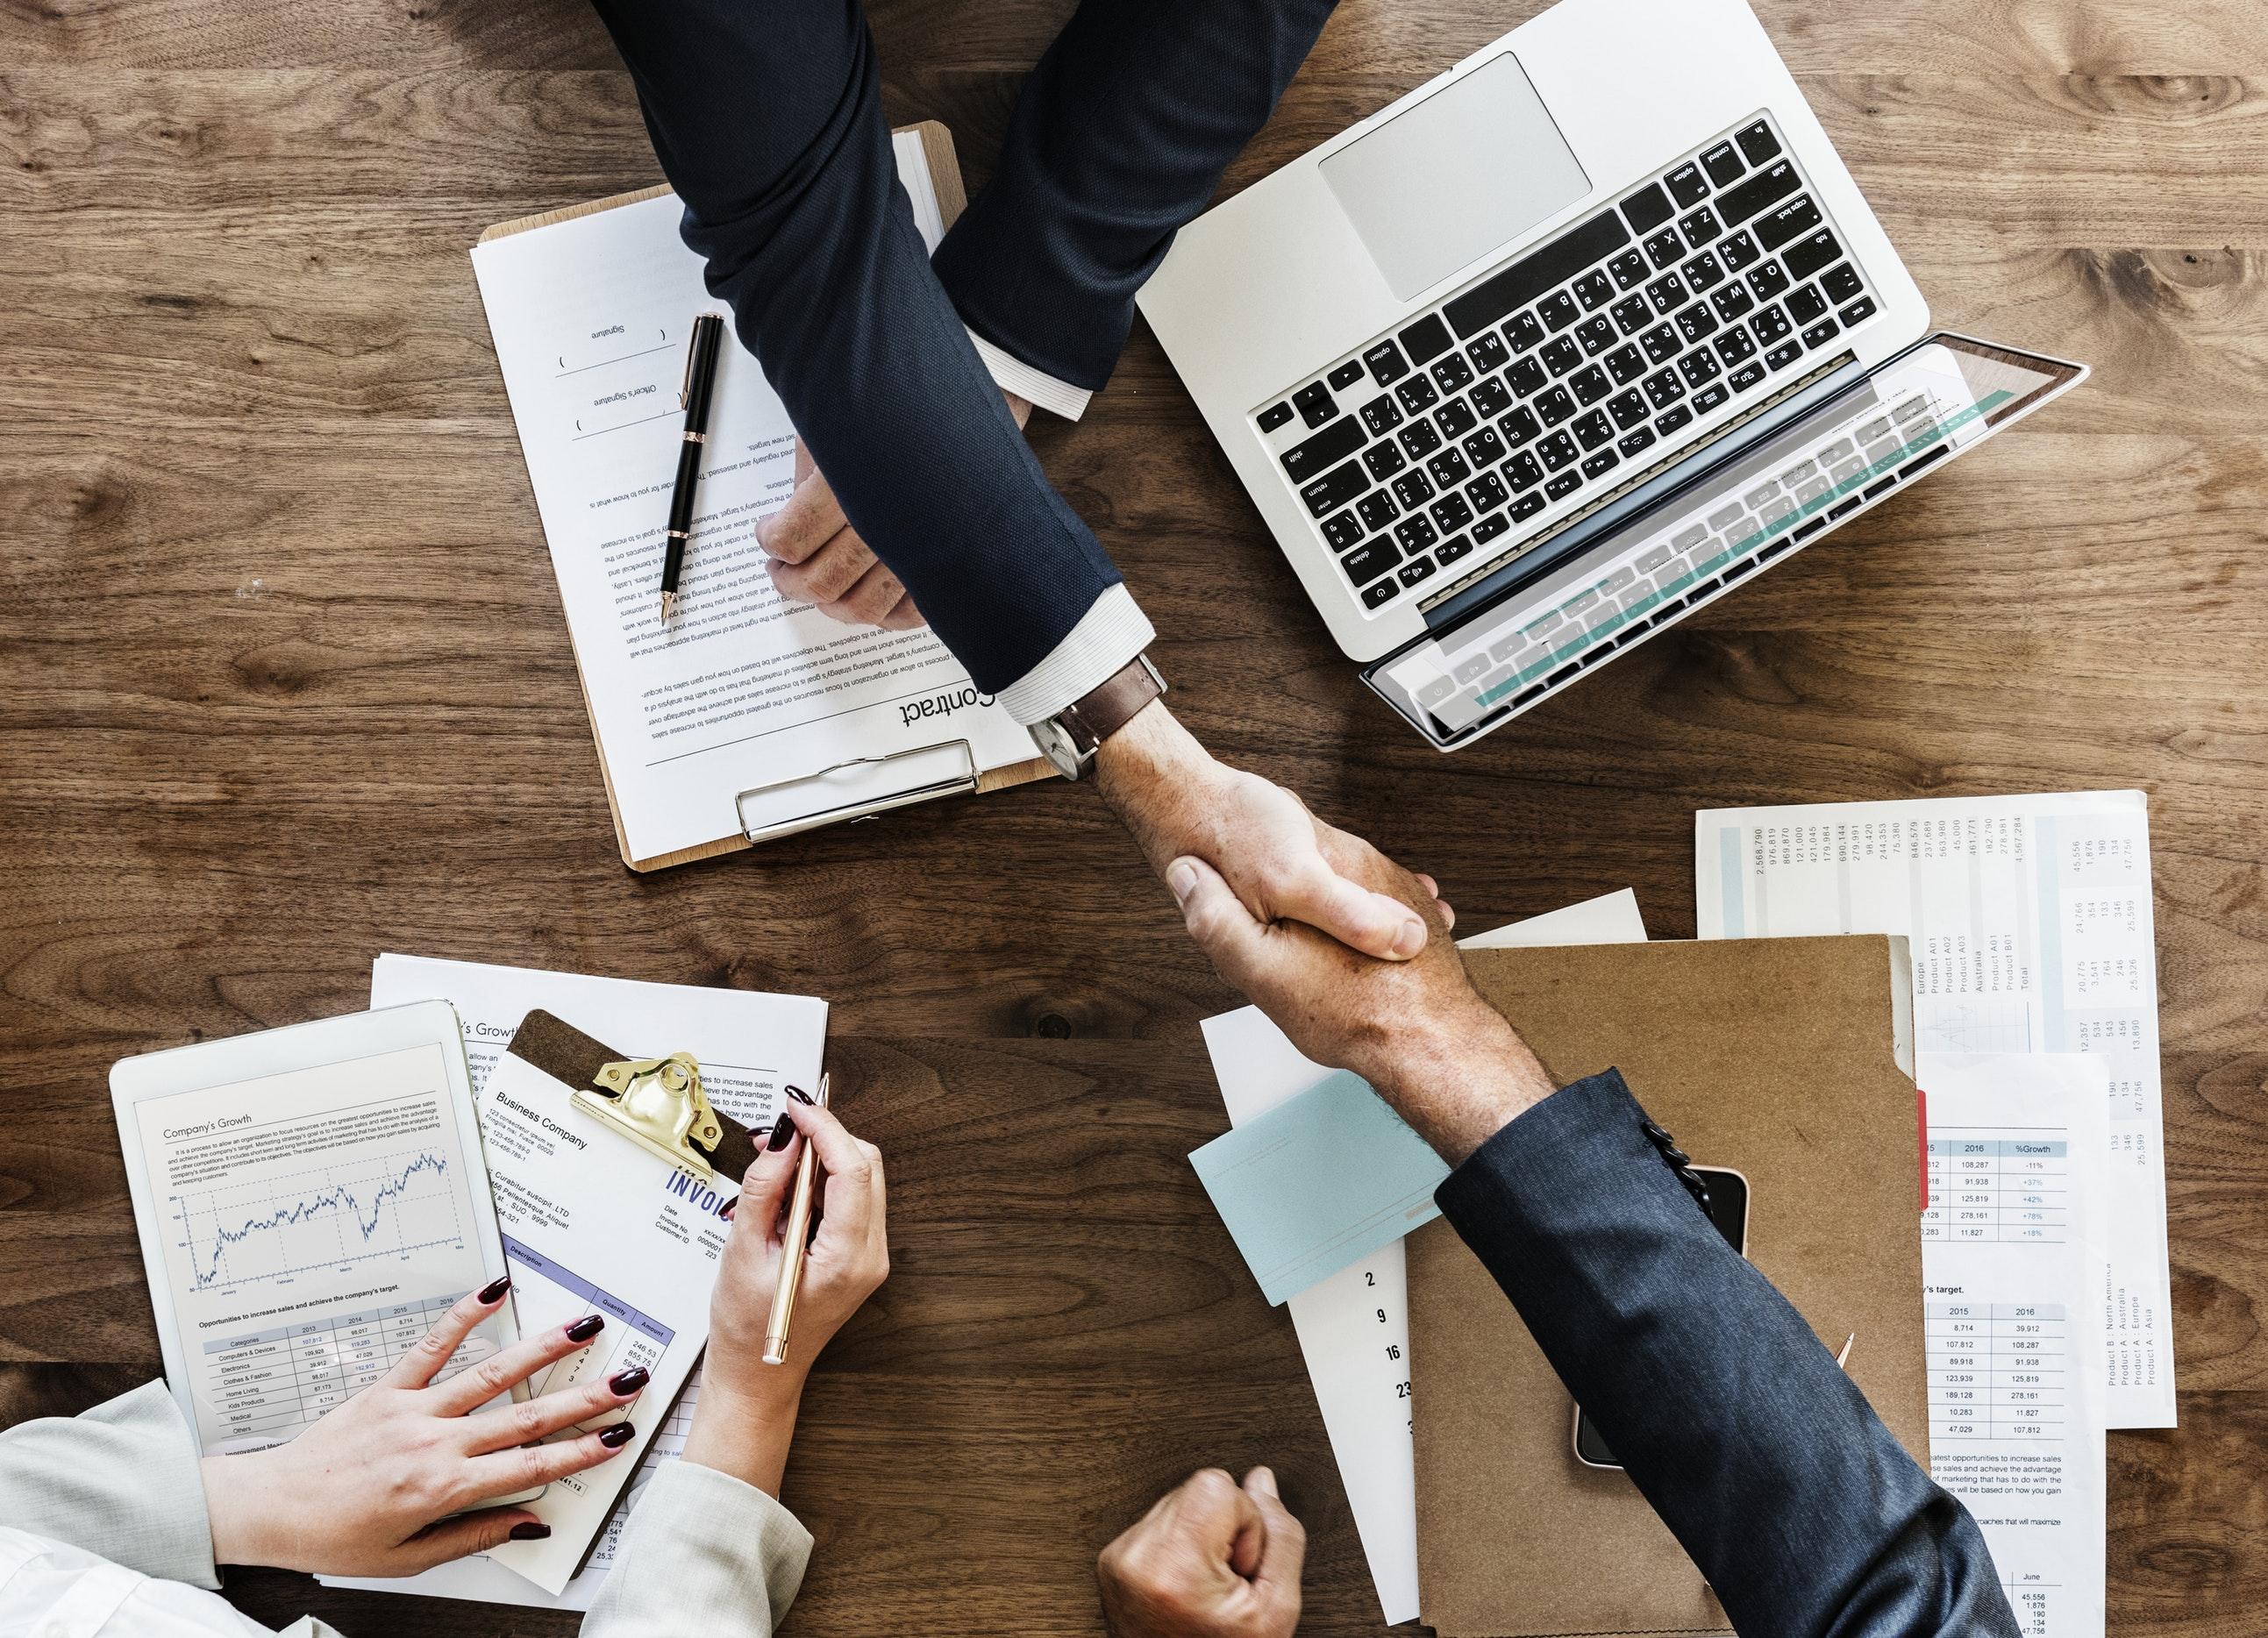 instituciones financieras para creditos de emprendedores